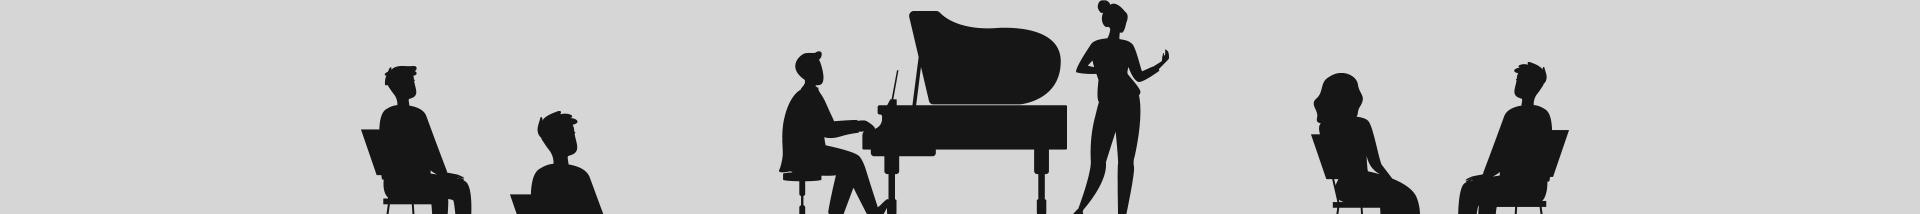 Scherenschnitt-Illustration von Enis-Engin Ülker am Klavier, daneben Nadja Niederberger und Publikum